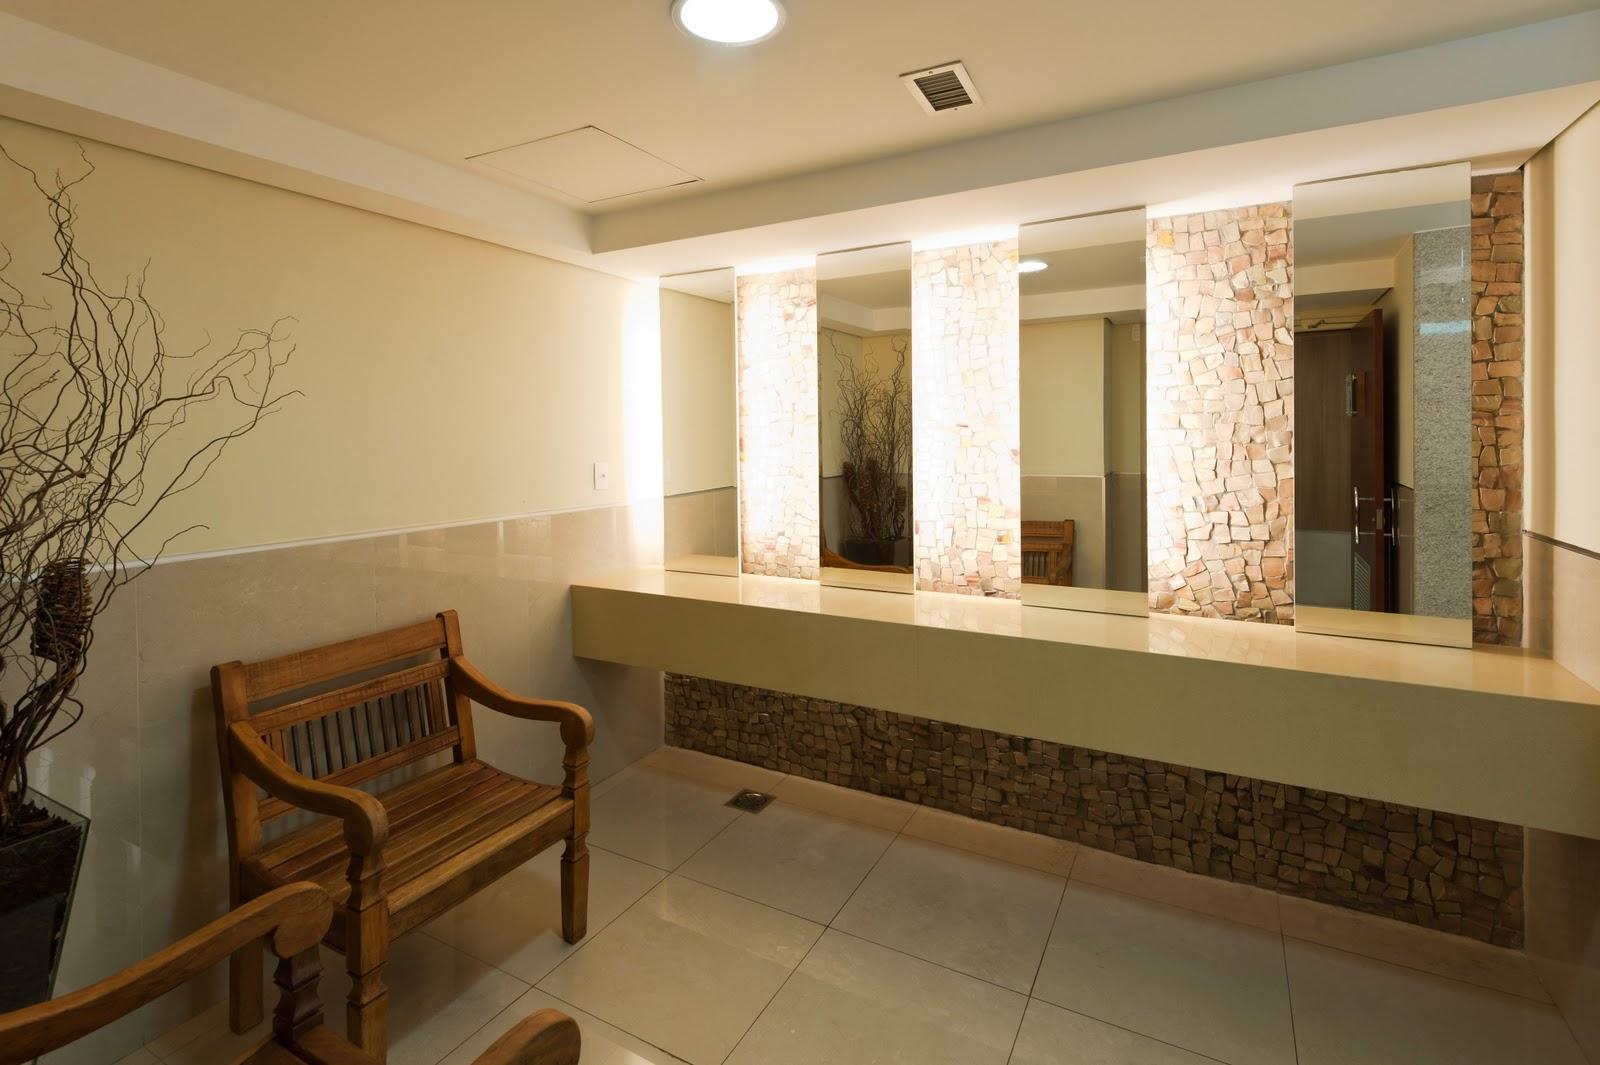 Arquiteto Daltônico: Novos banheiros do Taguatinga Shopping #9B6E30 1600 1065